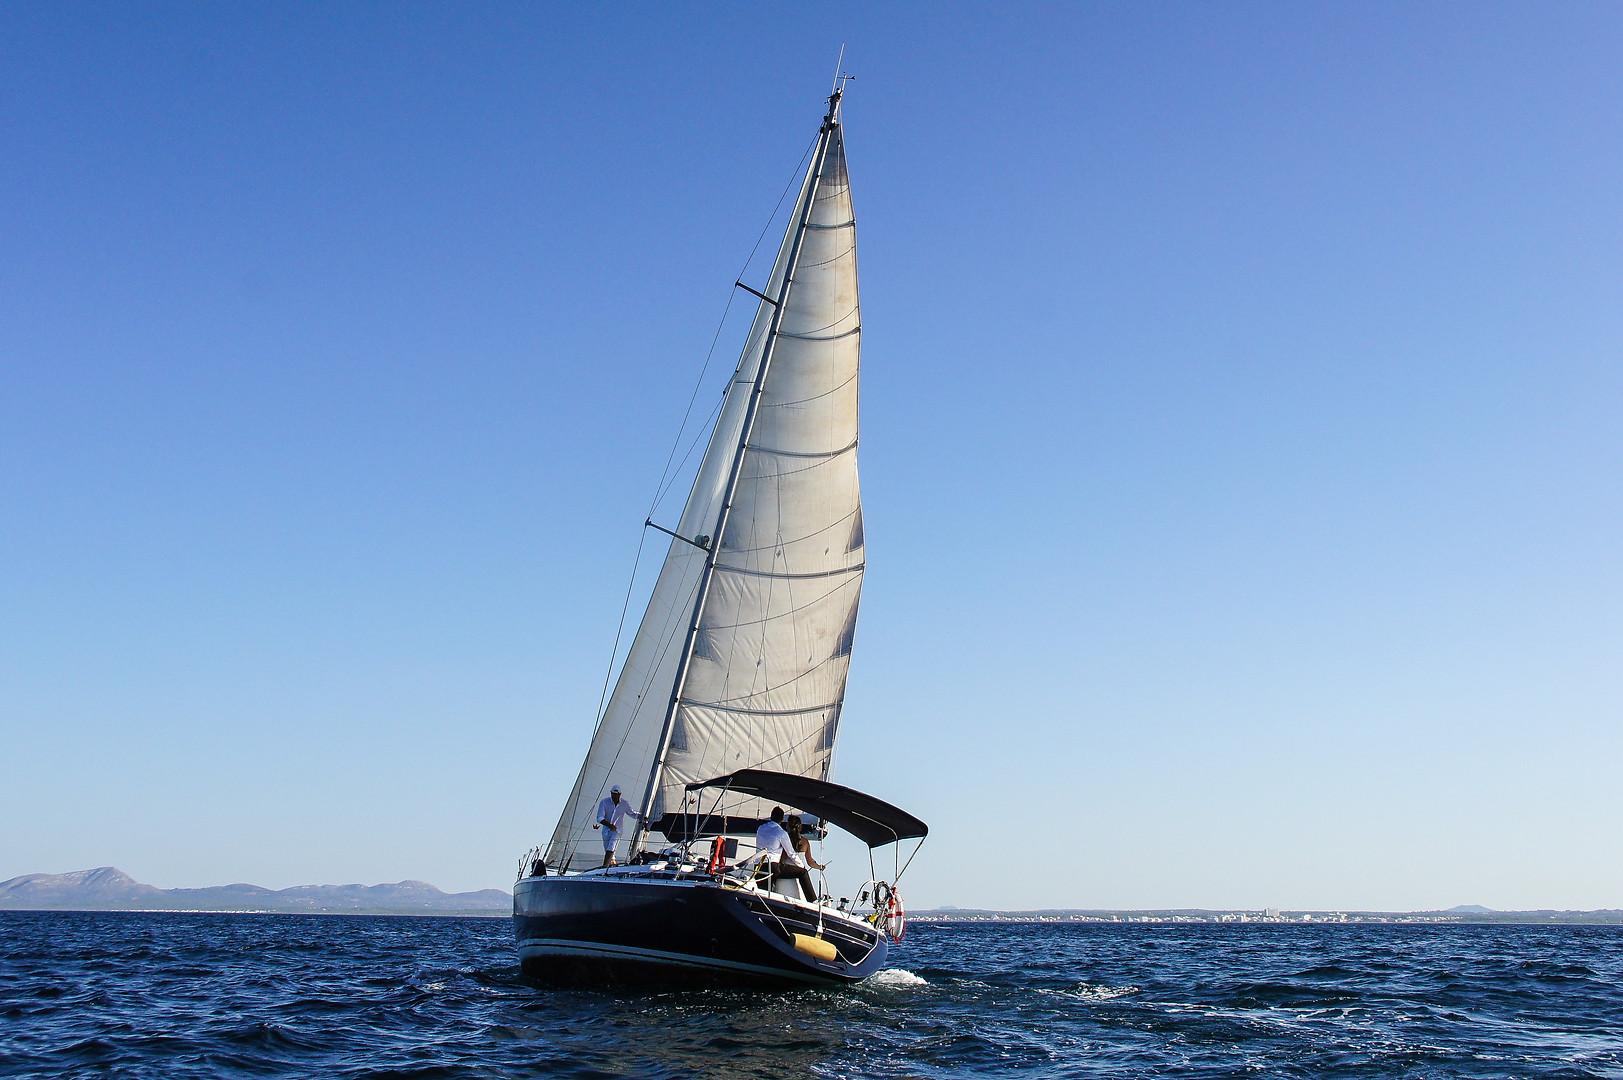 mallorca_yacht_alcudia.jpg